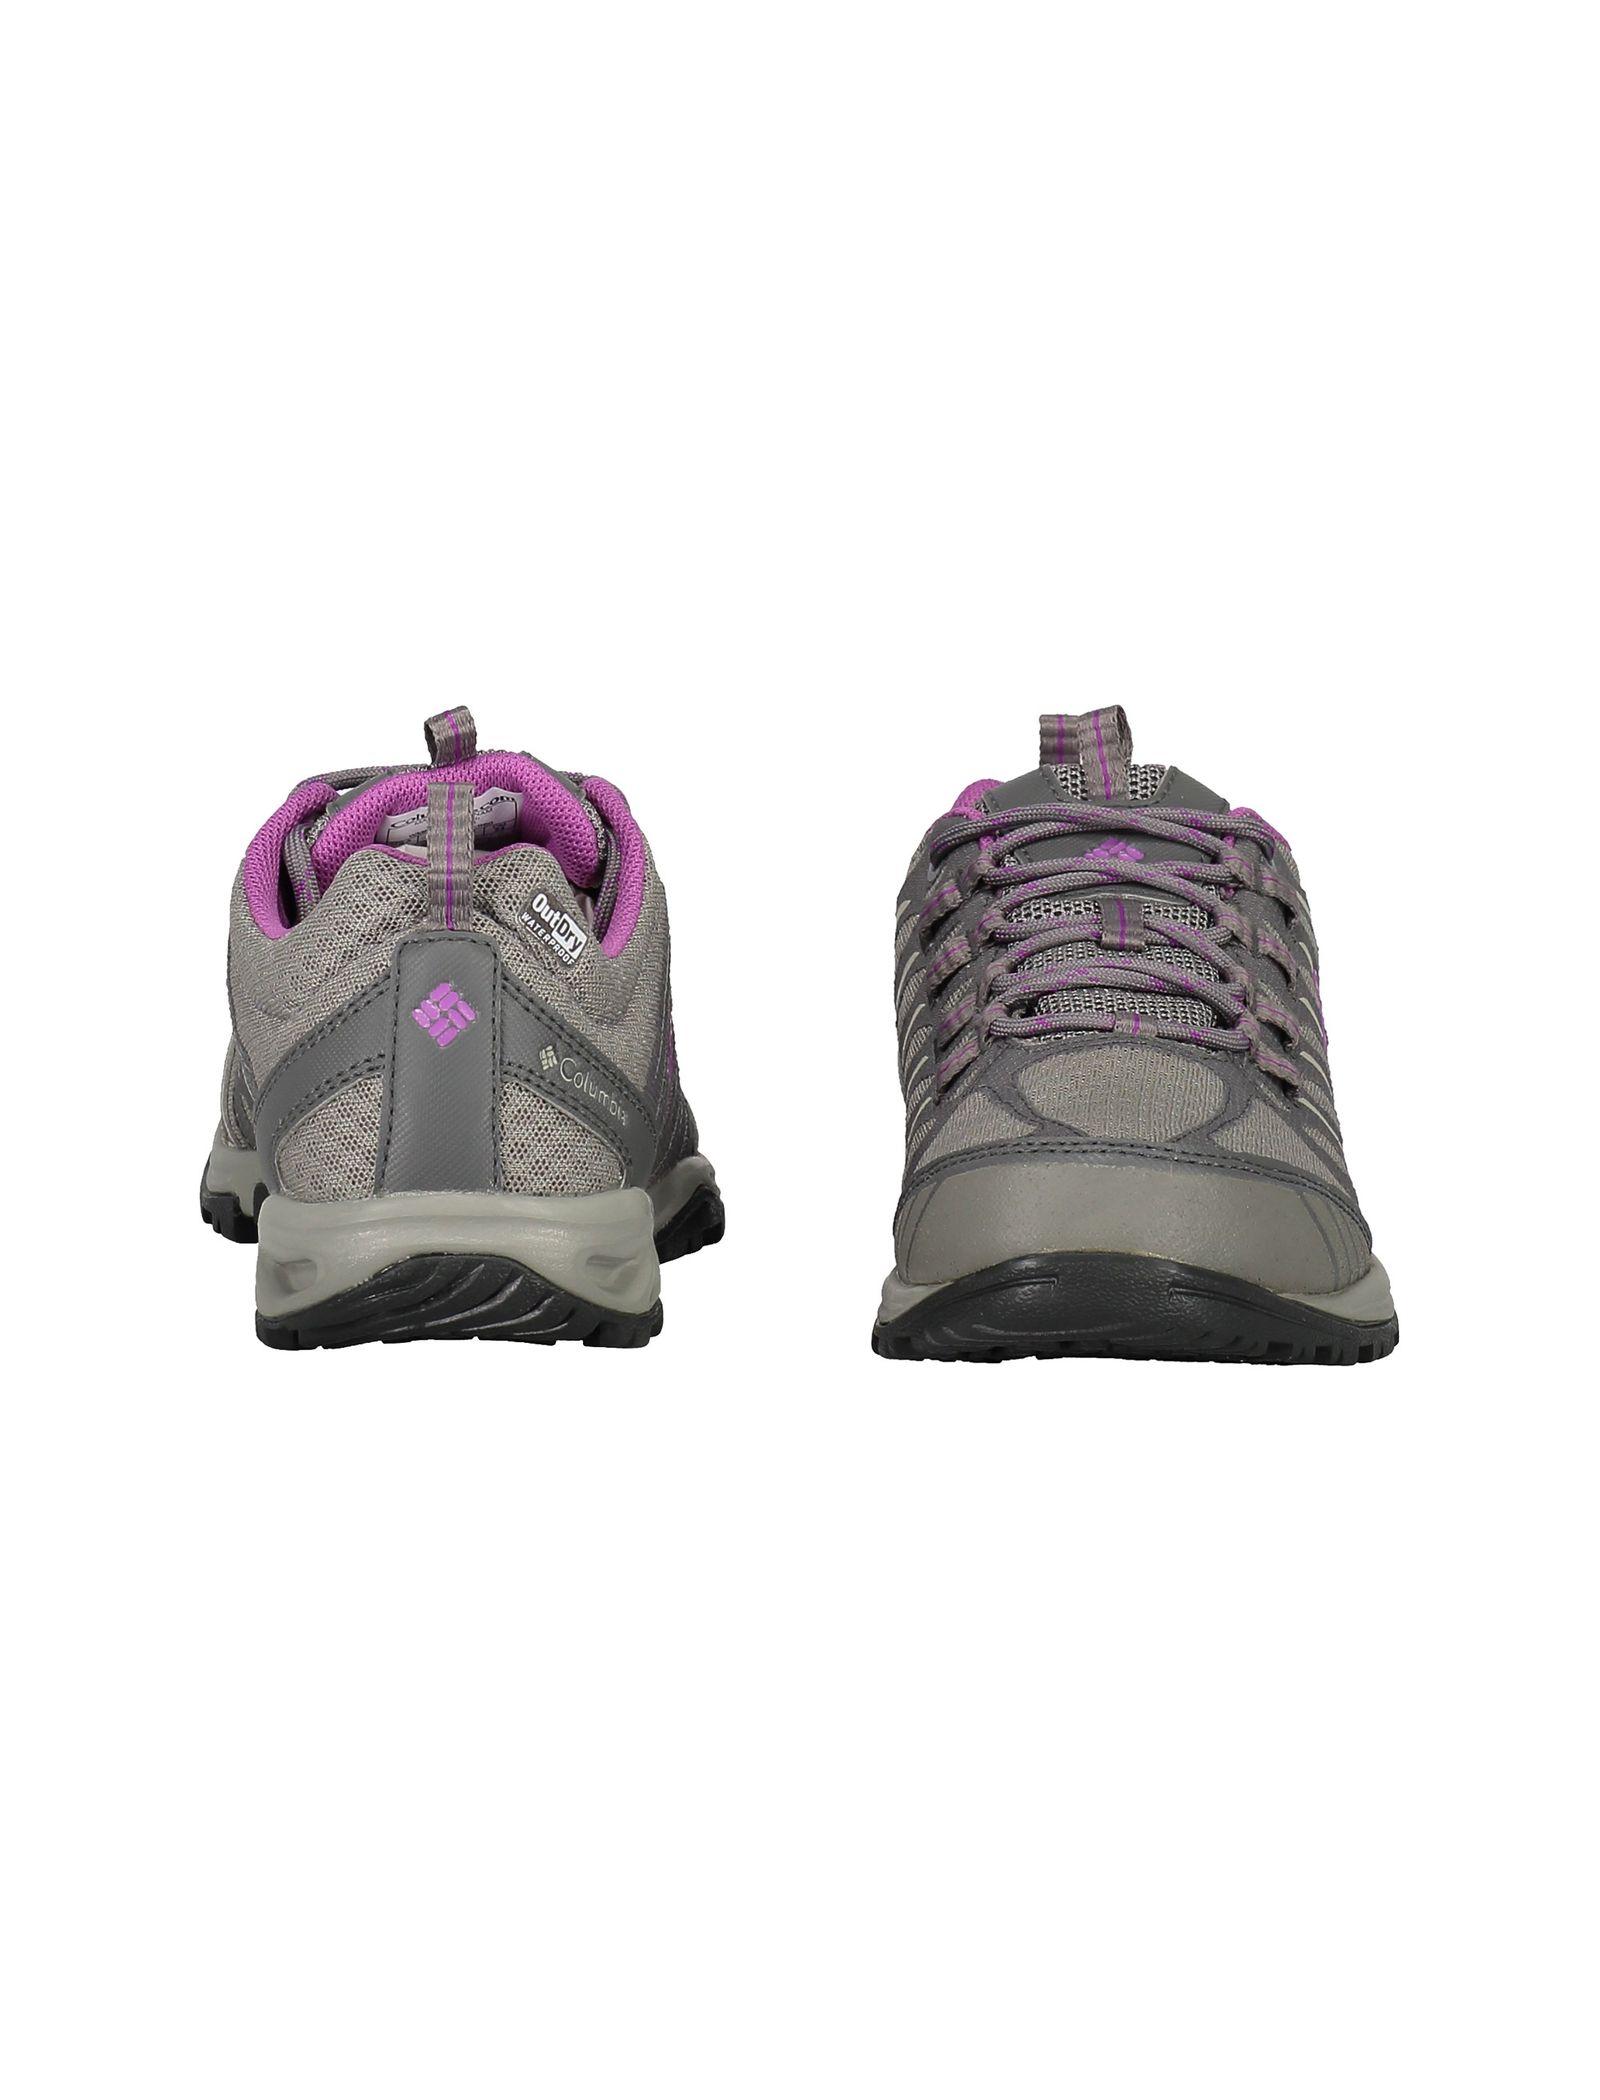 کفش دویدن بندی زنانه Ventrailia Razor Outdry - کلمبیا - طوسي - 5